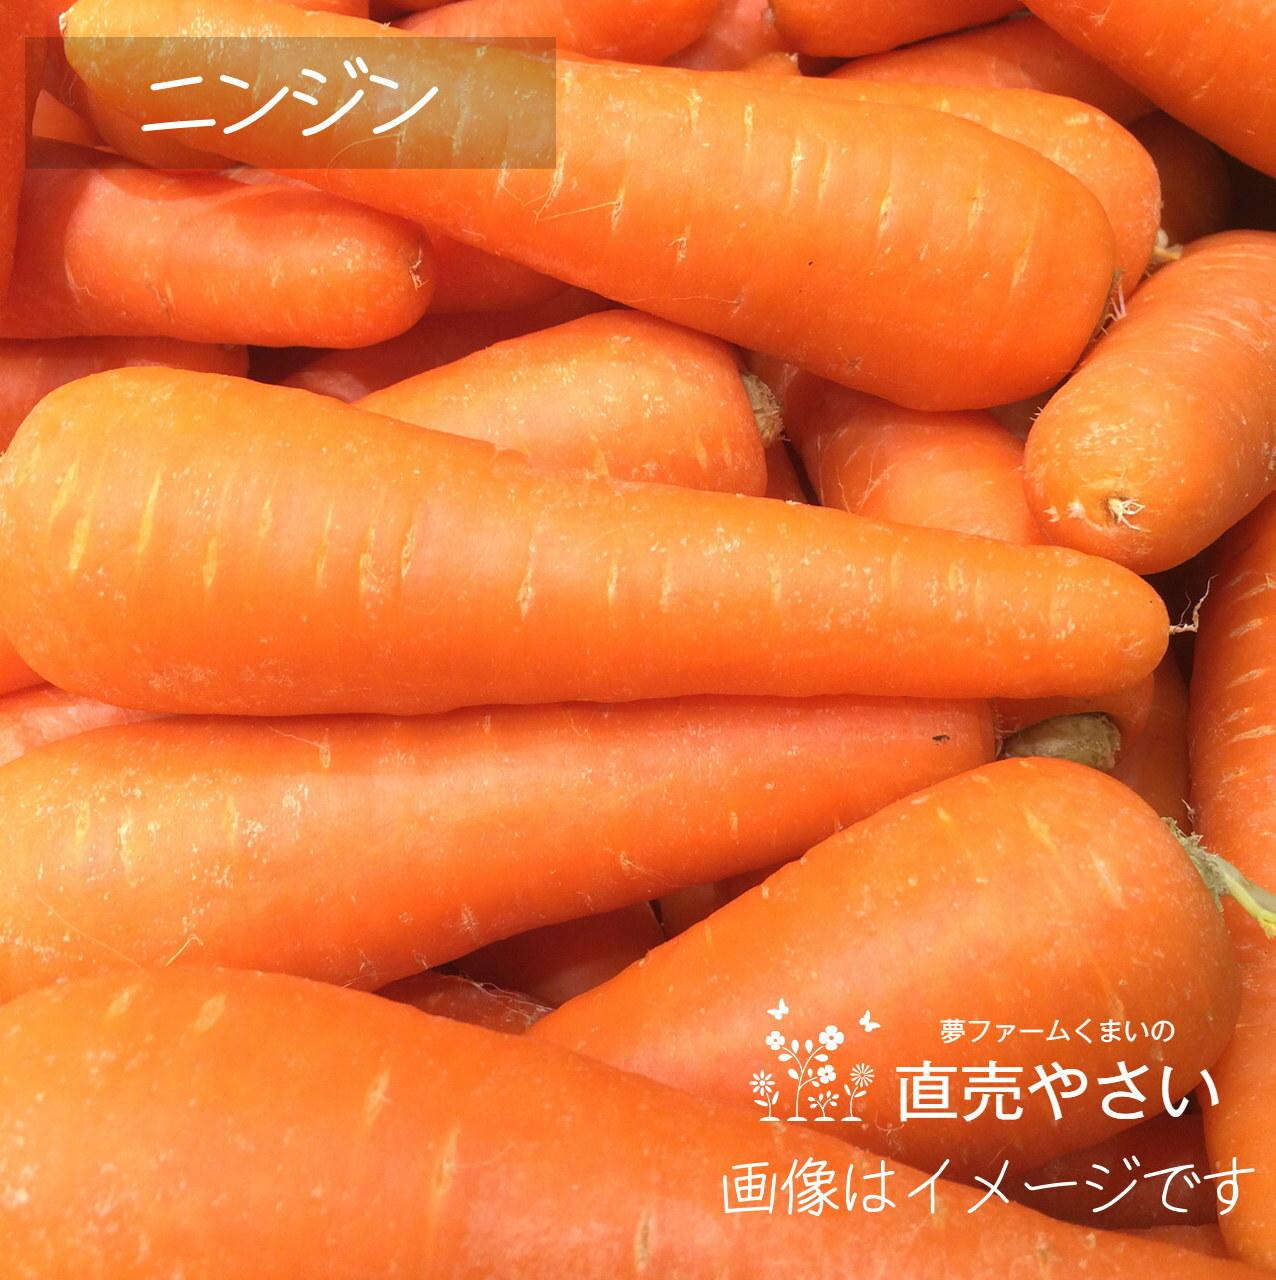 新鮮な秋野菜 : ニンジン 約400g 10月の朝採り直売野菜 10月24日発送予定